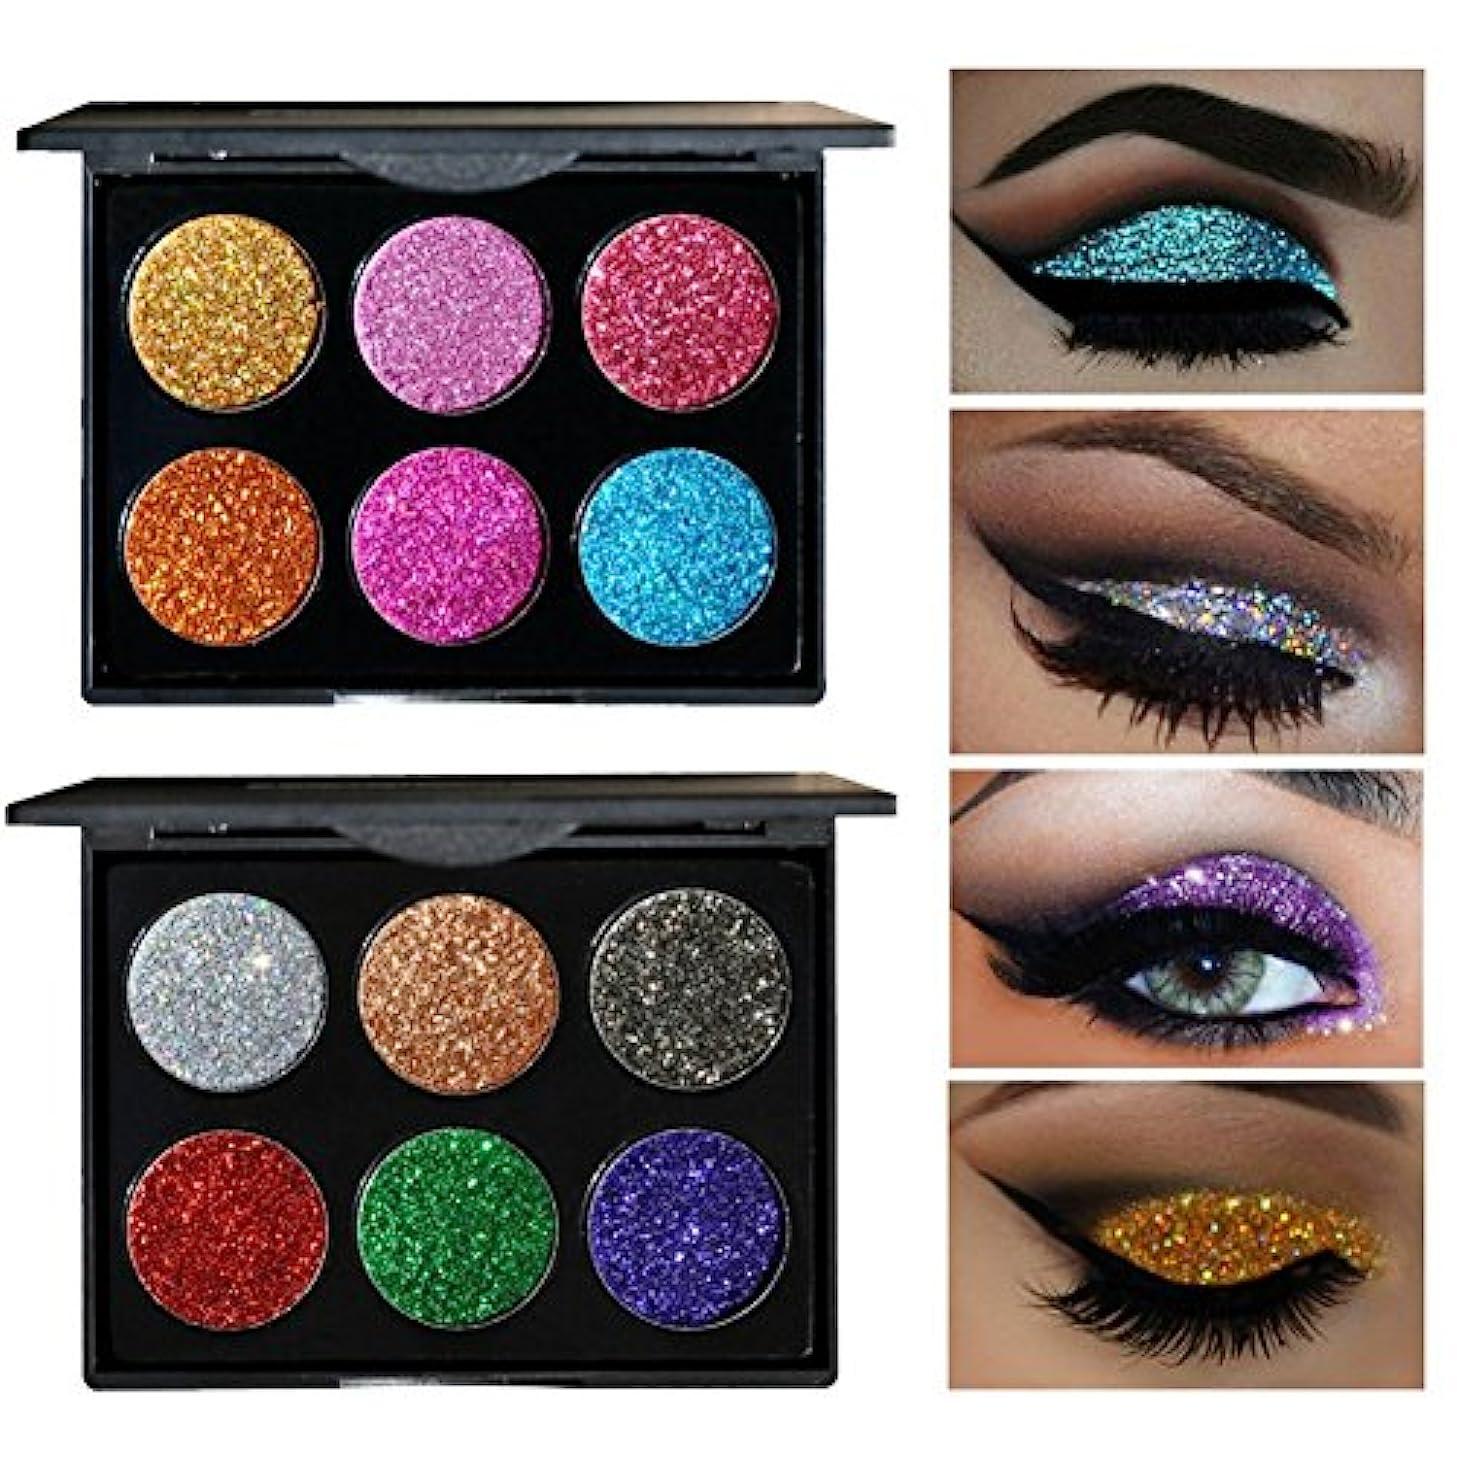 浅いクリーク希少性HANDAIYAN 6 Colors Glitter Eye Shadow Brighten Palette Flash Shimmer Natural Glitter Fix Gel Cosmetic Makeup Body...